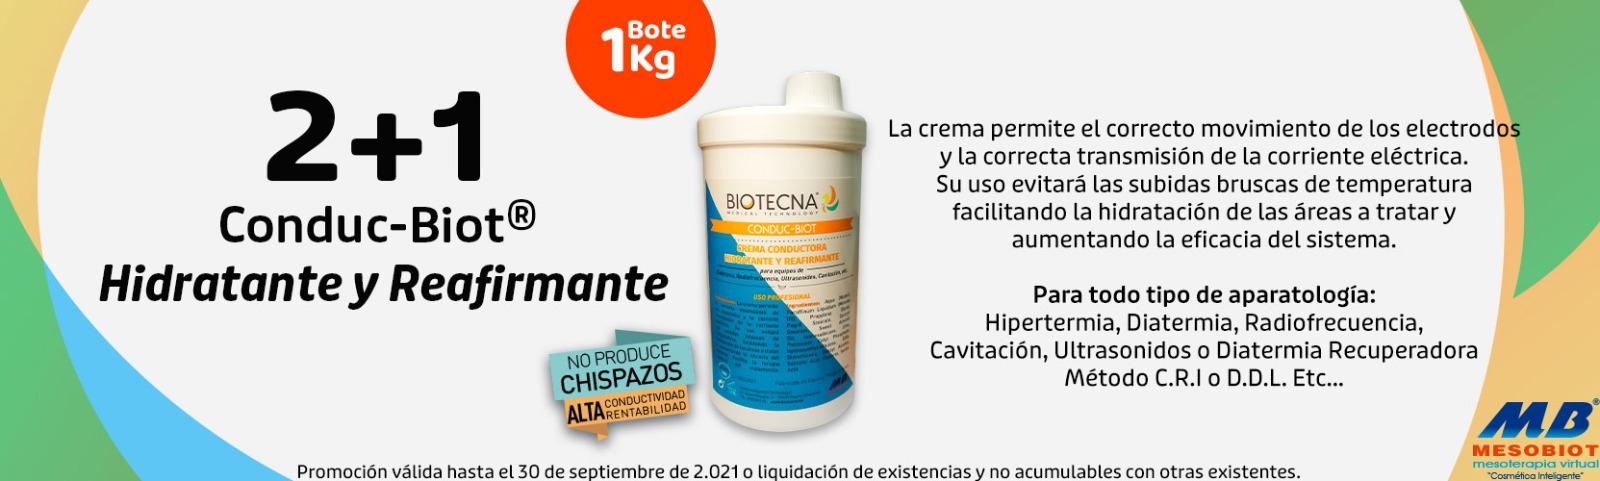 2-1-Conduc-Biot-Hidratante-y-Reafirmante